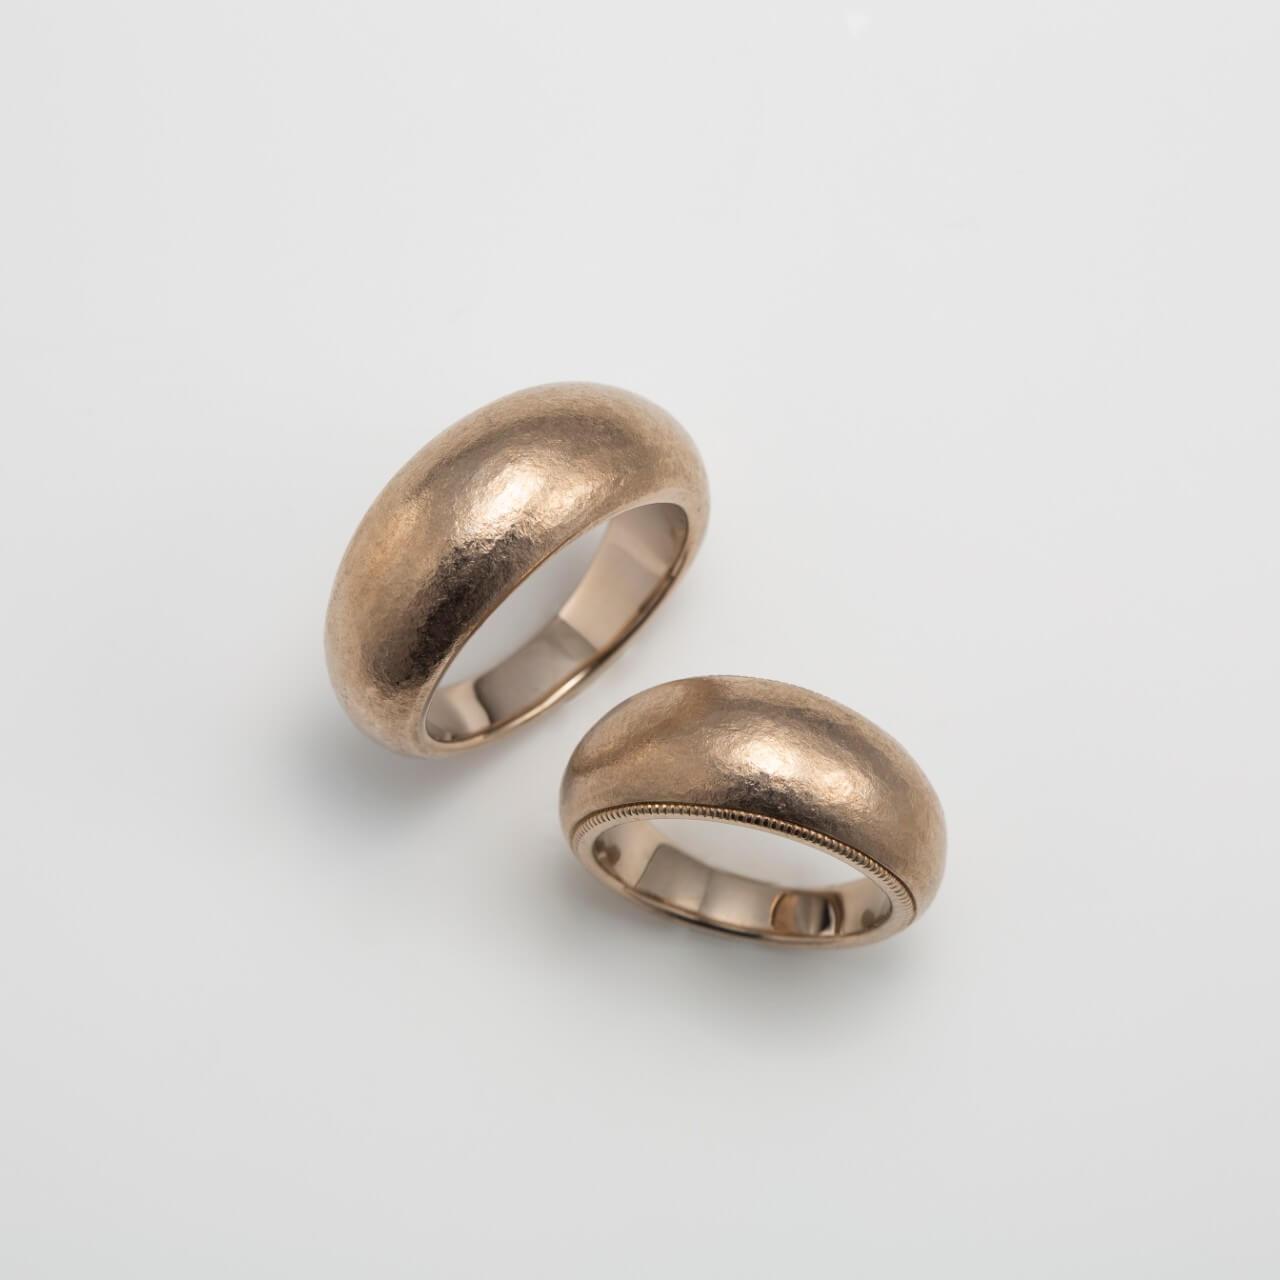 ホワイトゴールドの太い幅の結婚指輪